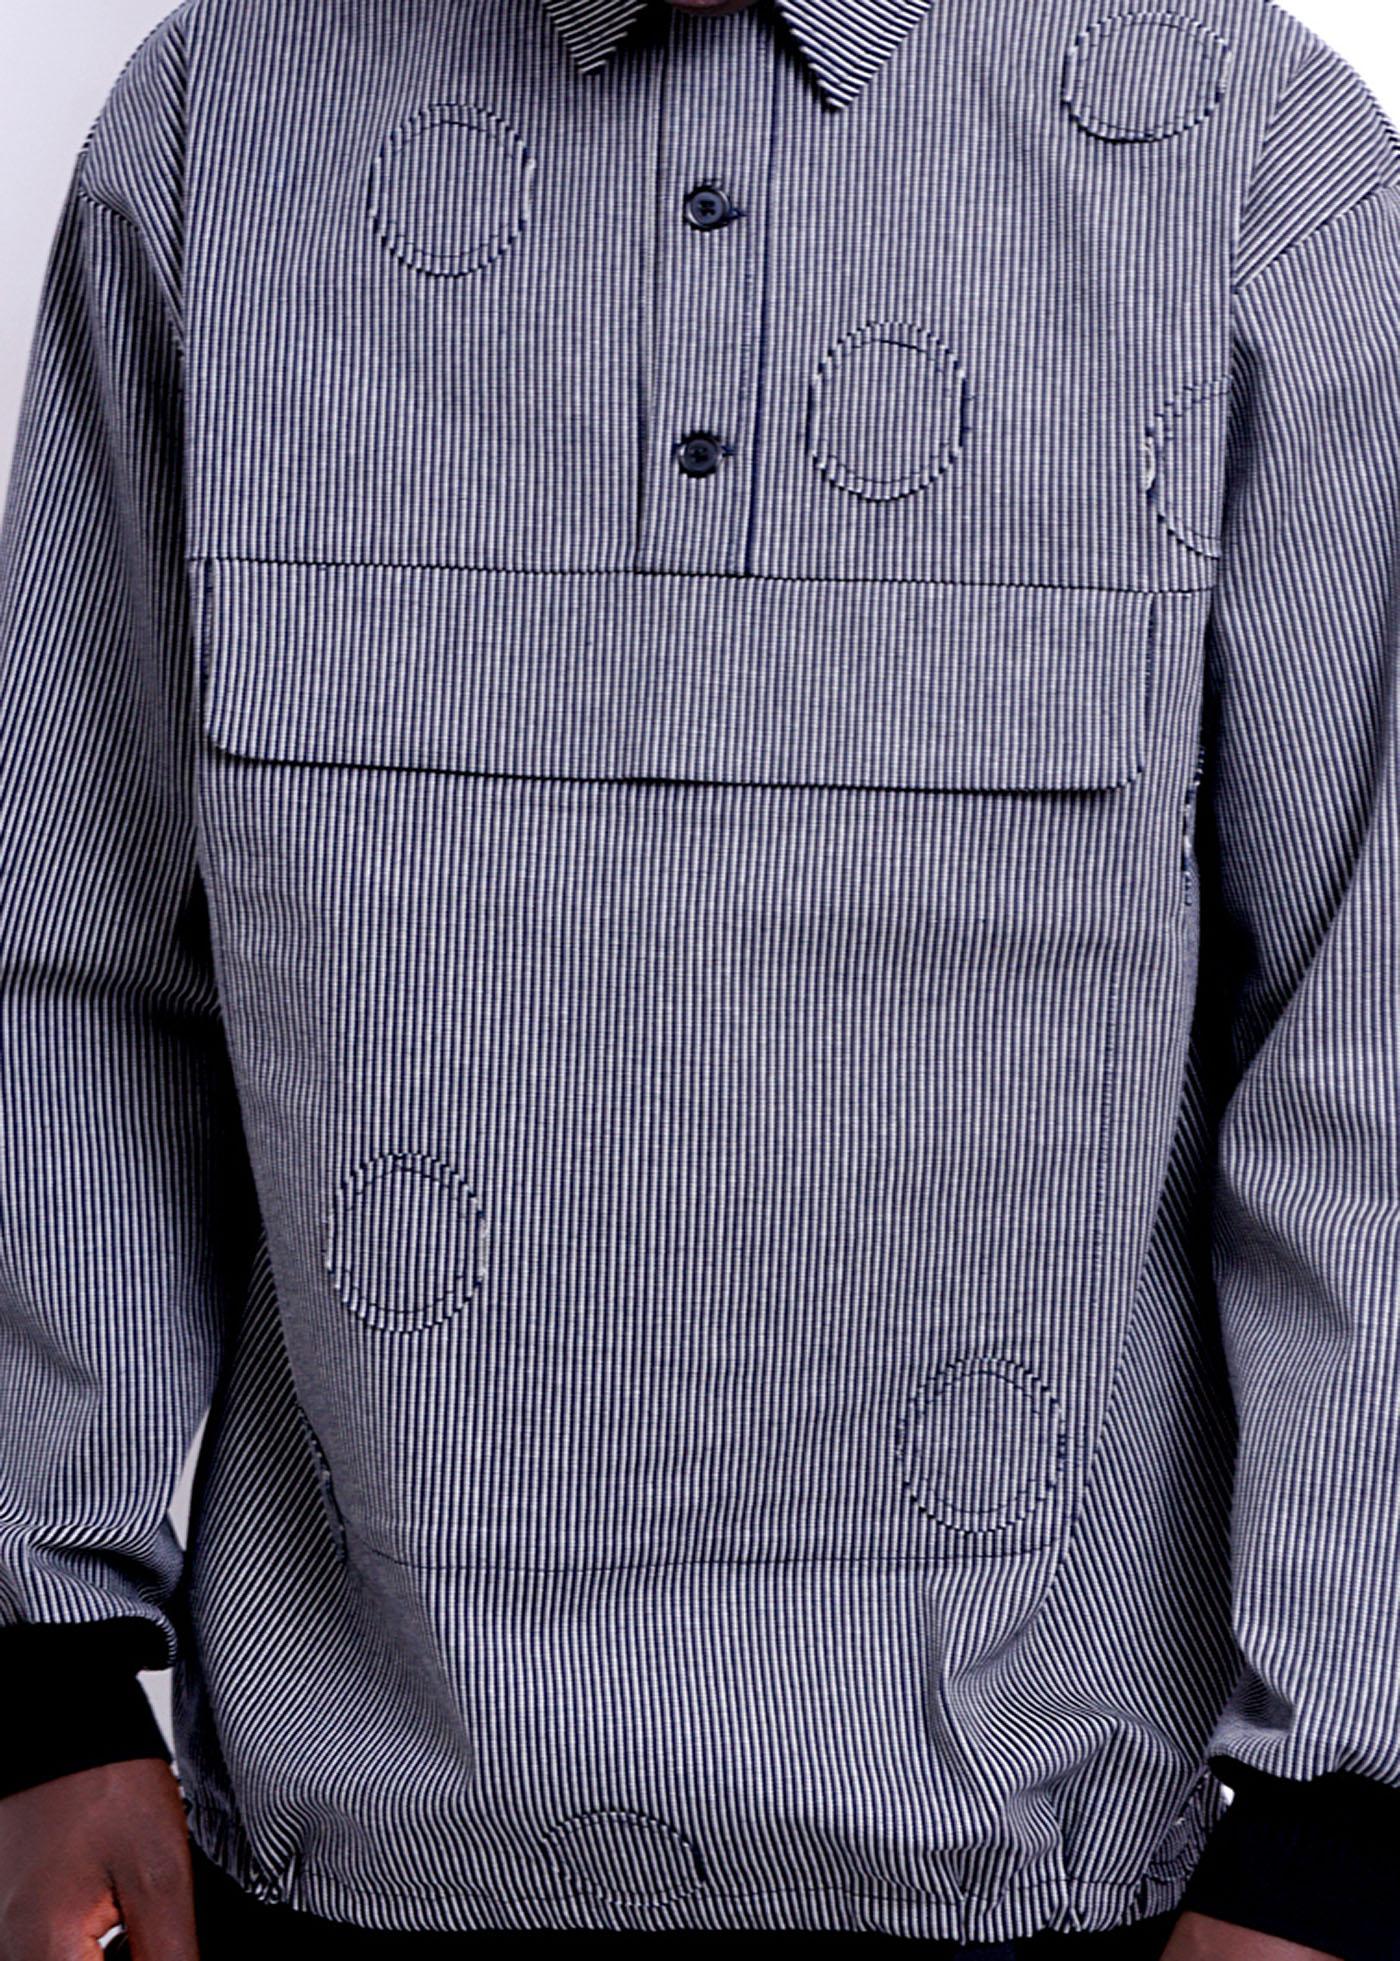 scar-id-alexandra-moura-ss21-sweater-camisola-anda-4